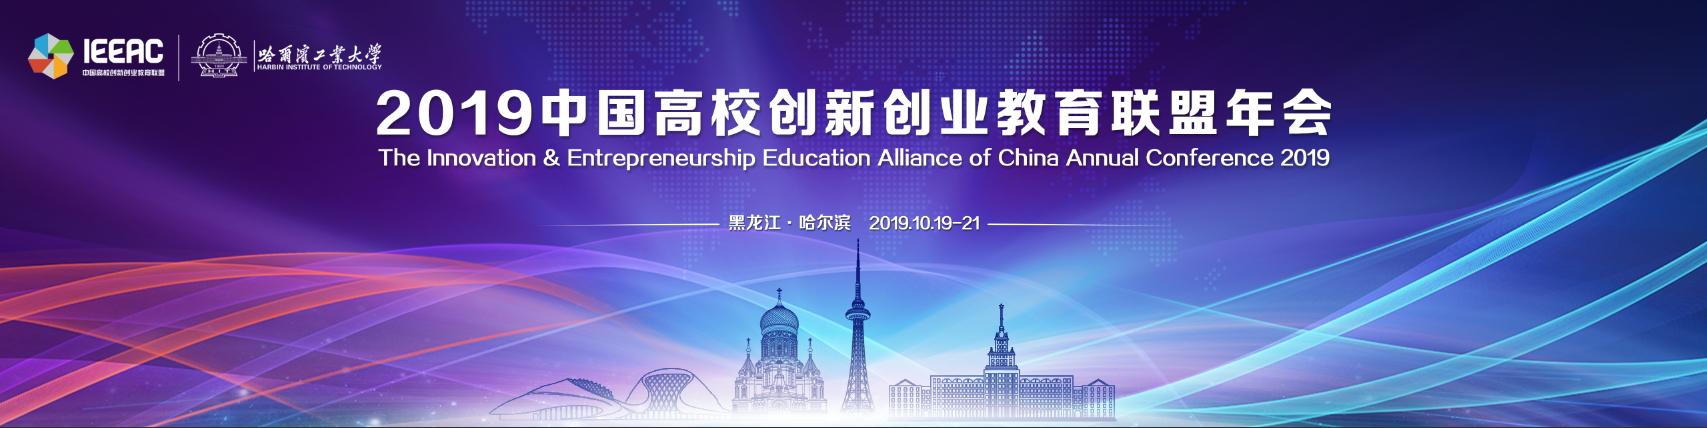 2019中国高校创新创业教育联盟年会